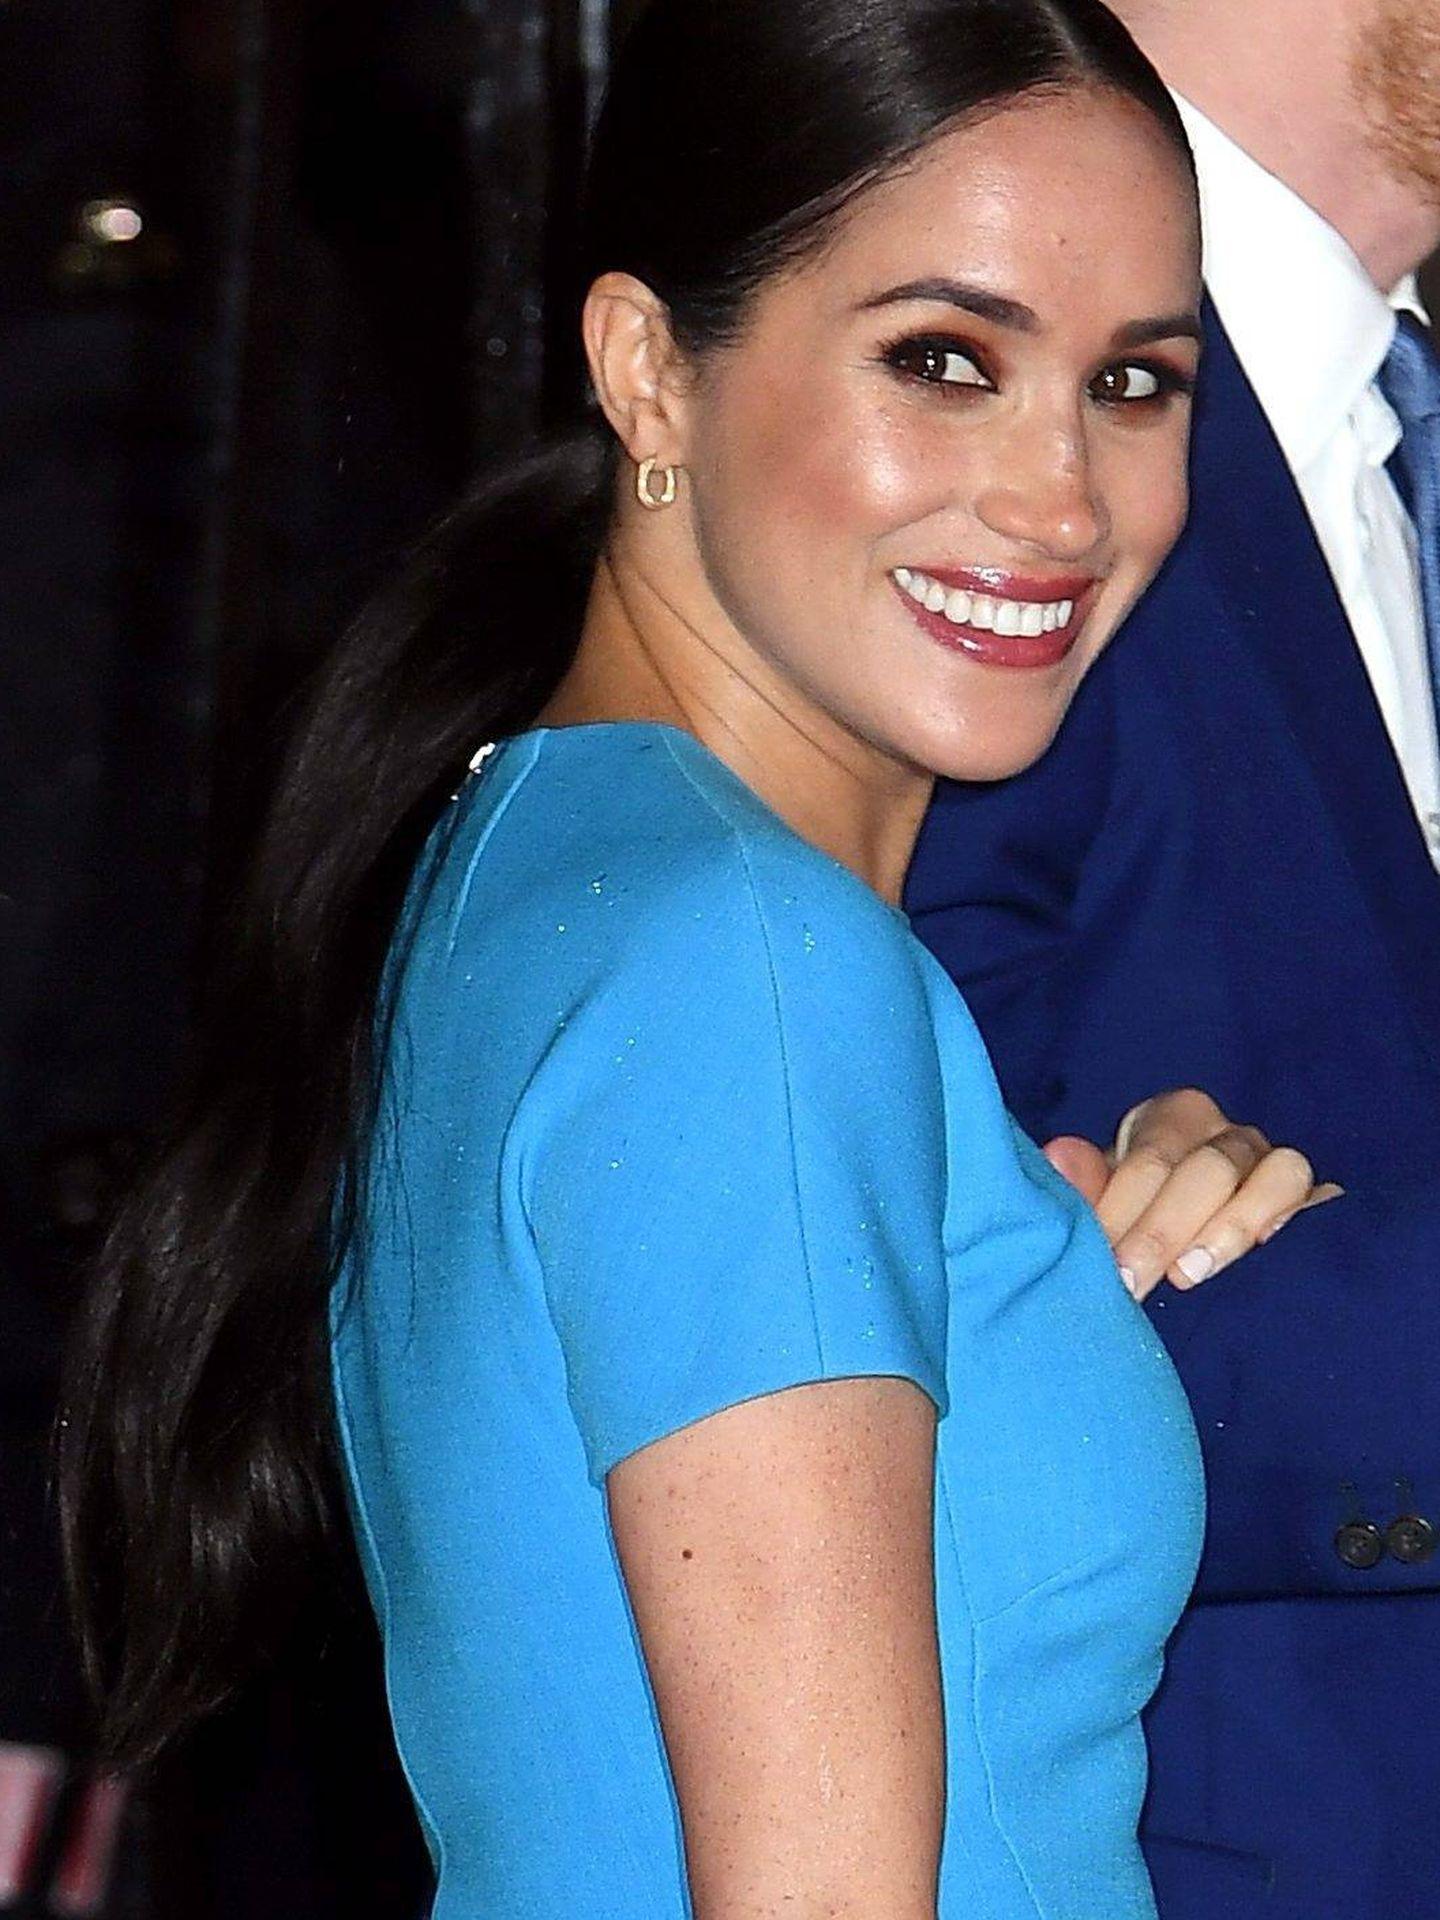 Detalle del look beauty de Meghan Markle. (Cordon Press)